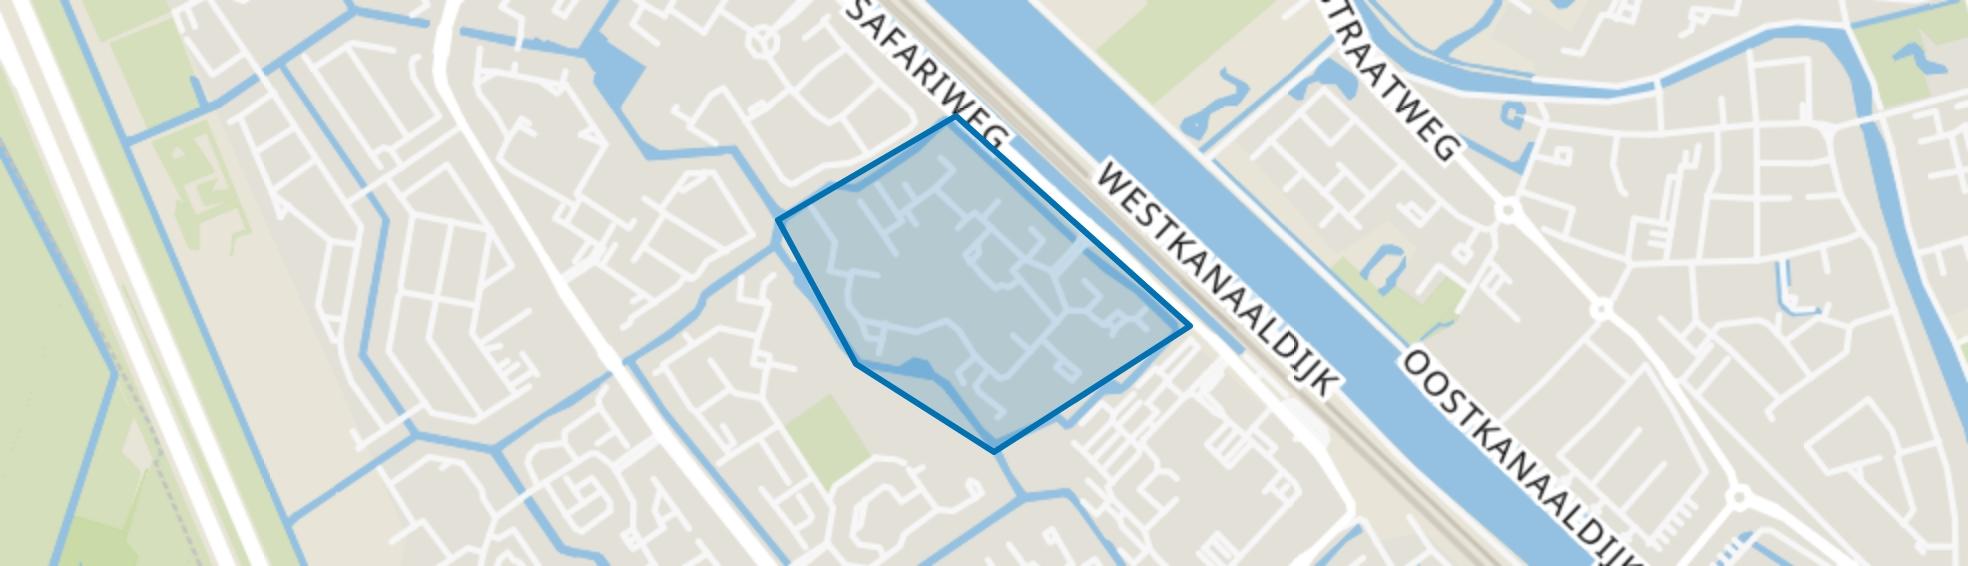 Kamelenspoor, Maarssen map